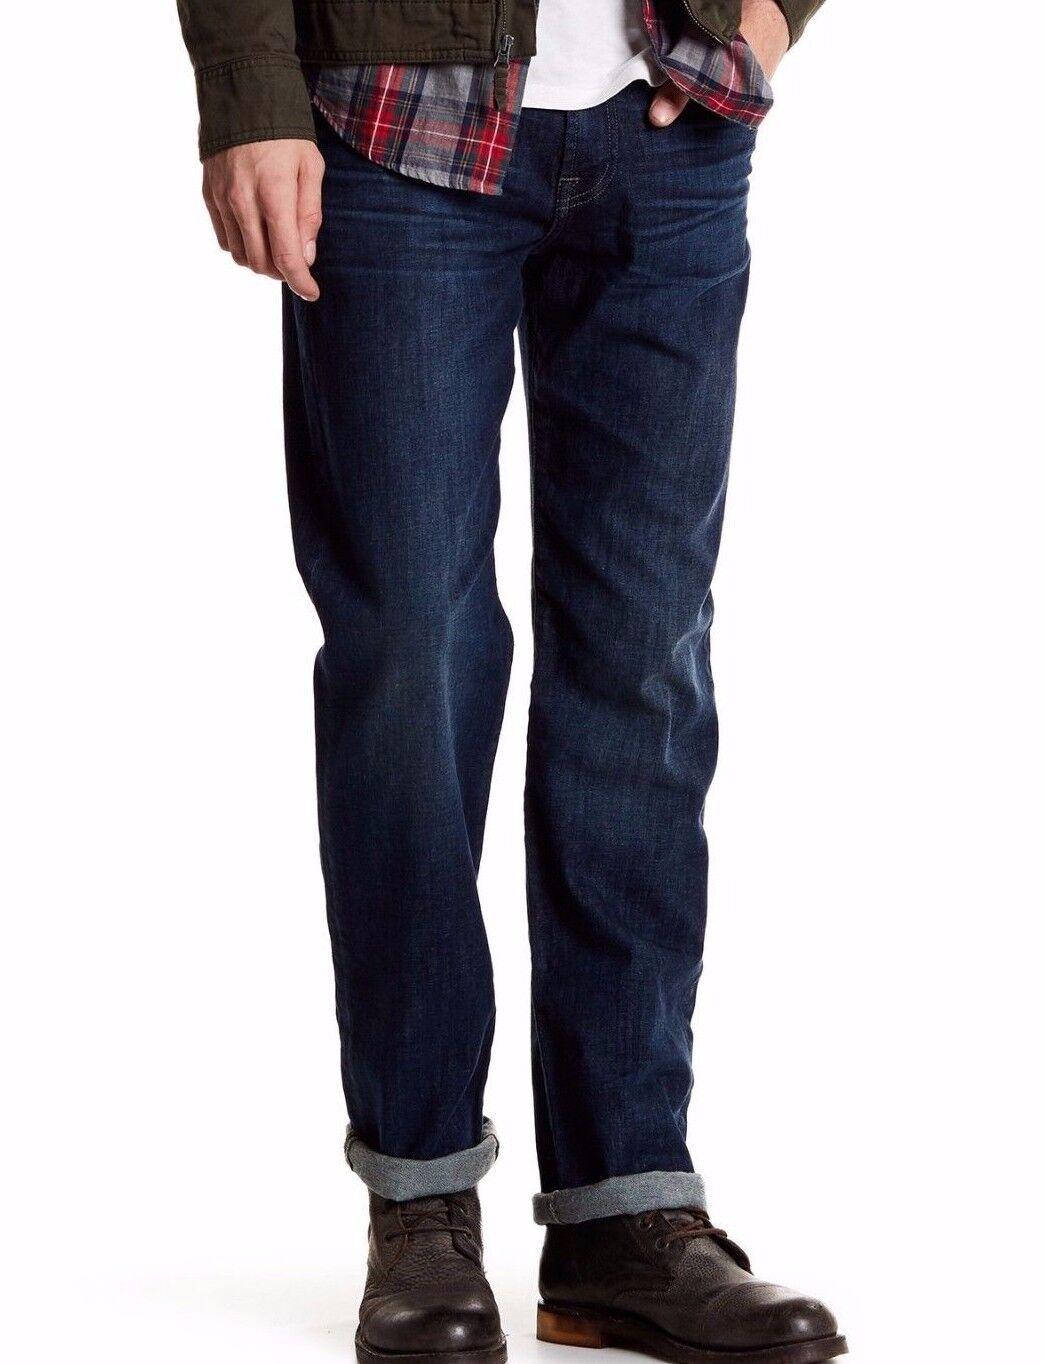 Nuova con Etichetta 7 per Tutti Sz40 Nera Slim Jeans Taglio Dritto Blu Medio Emn